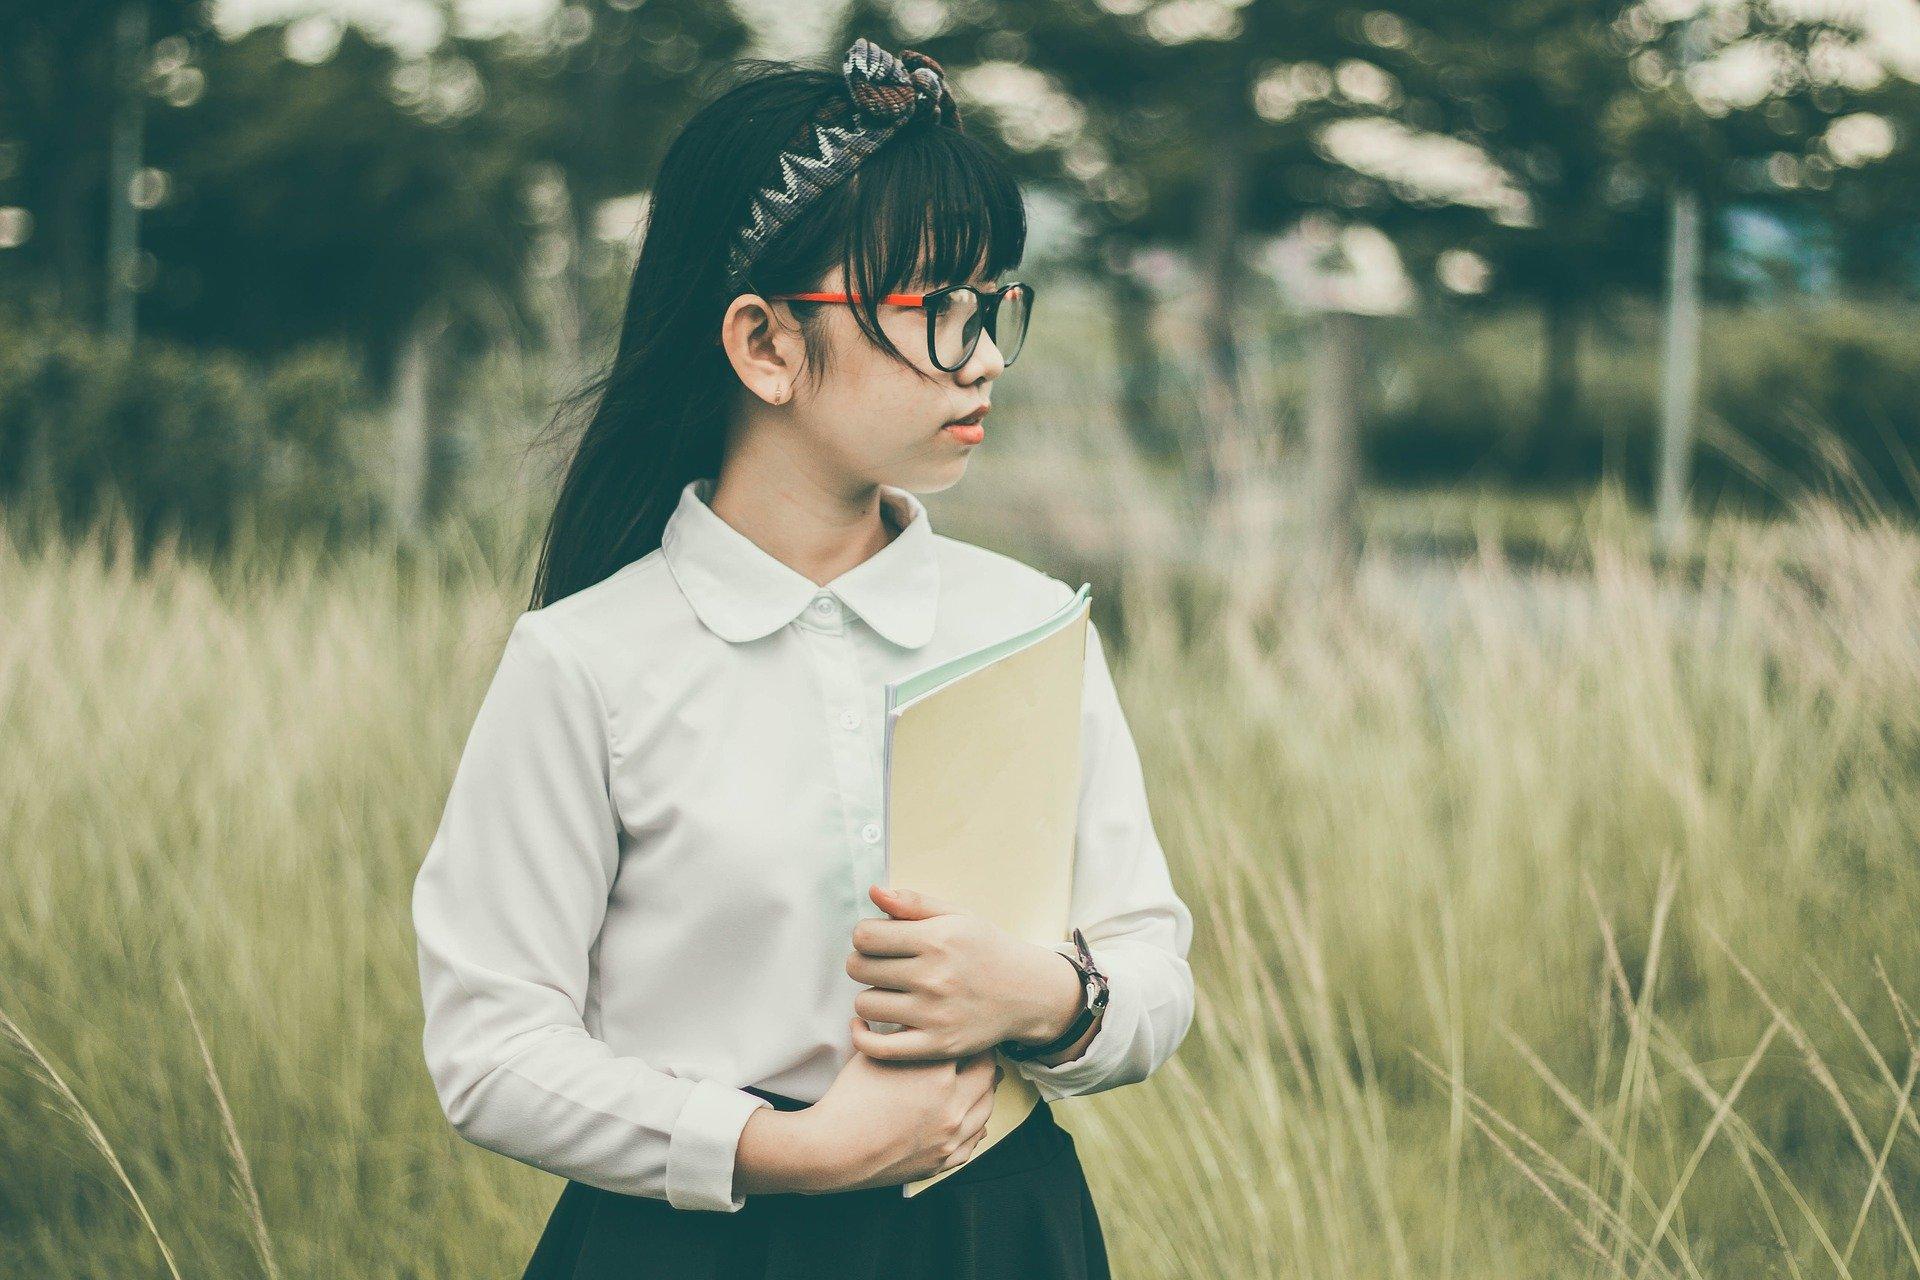 Como Aprender Inglês Sozinho Passo a Passo (Método Completo)